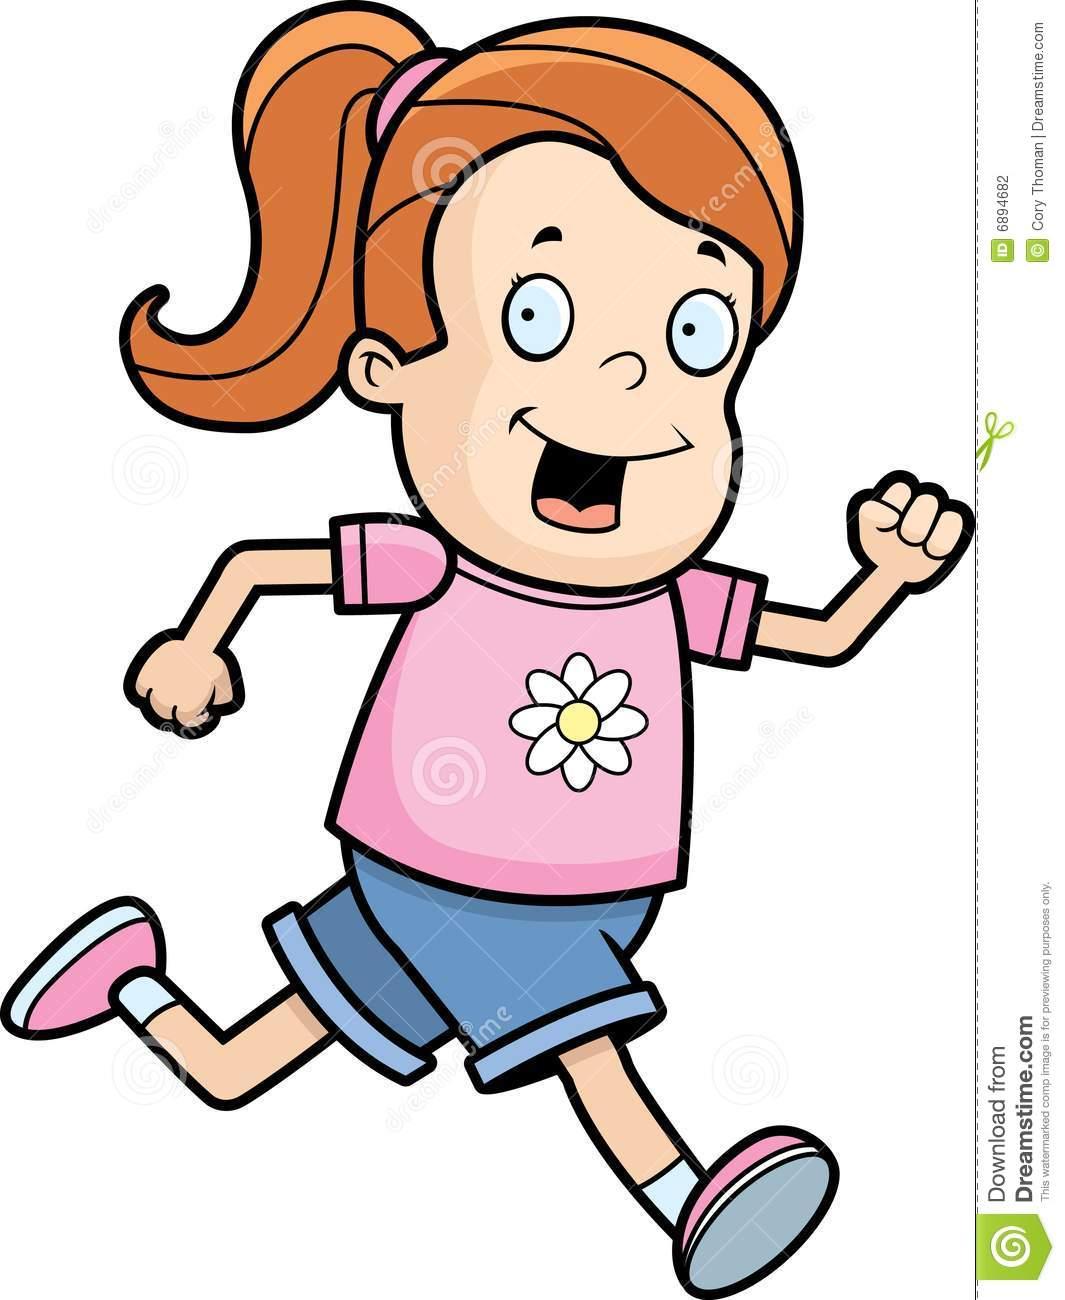 1065x1300 Running Cartoon Clipart